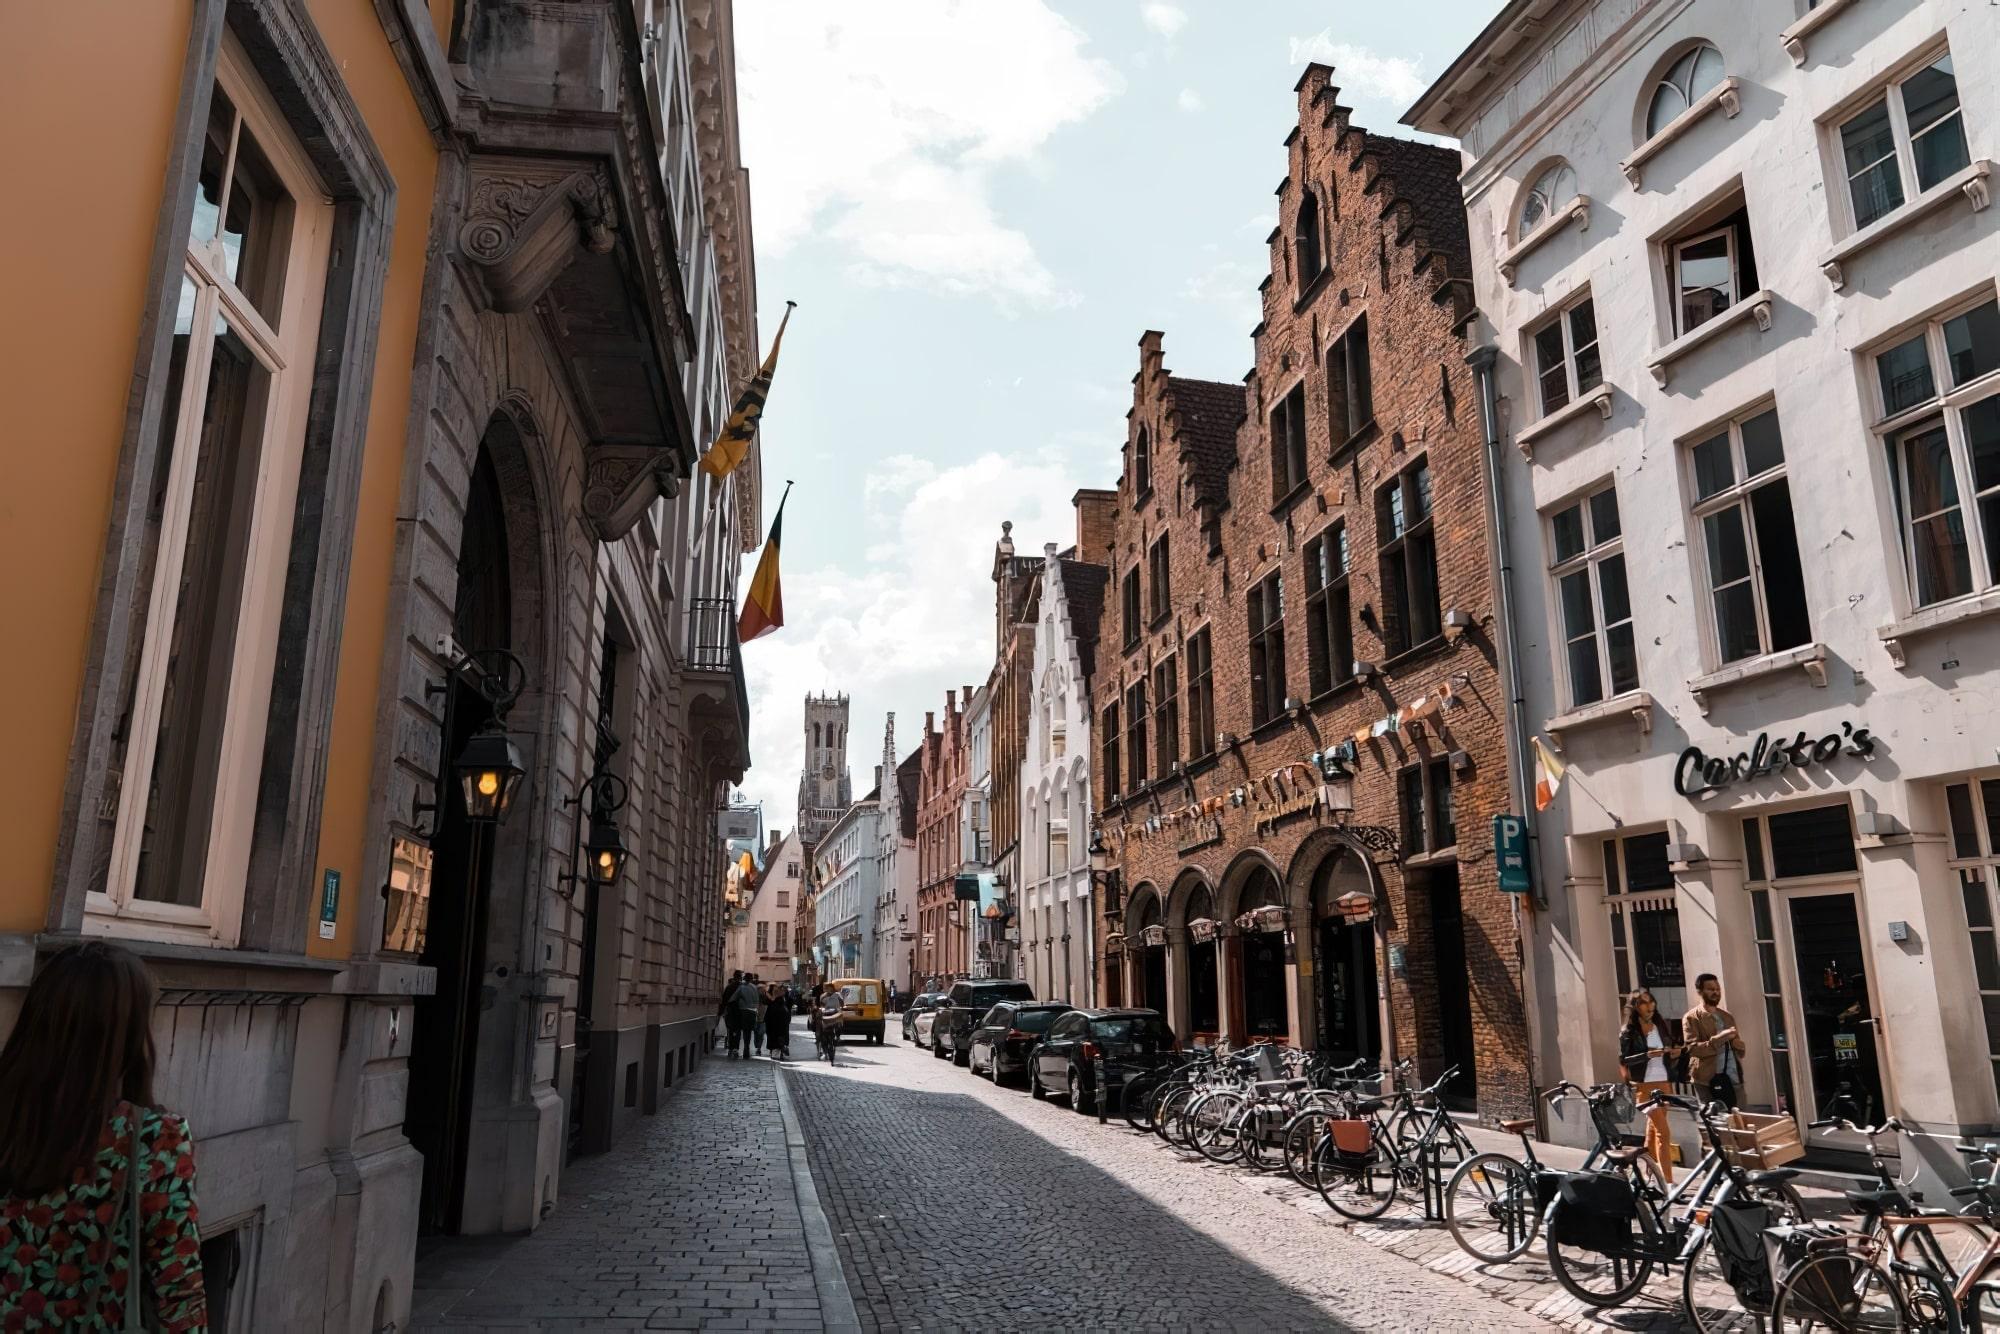 Activités et visites gratuites à faire à Bruges